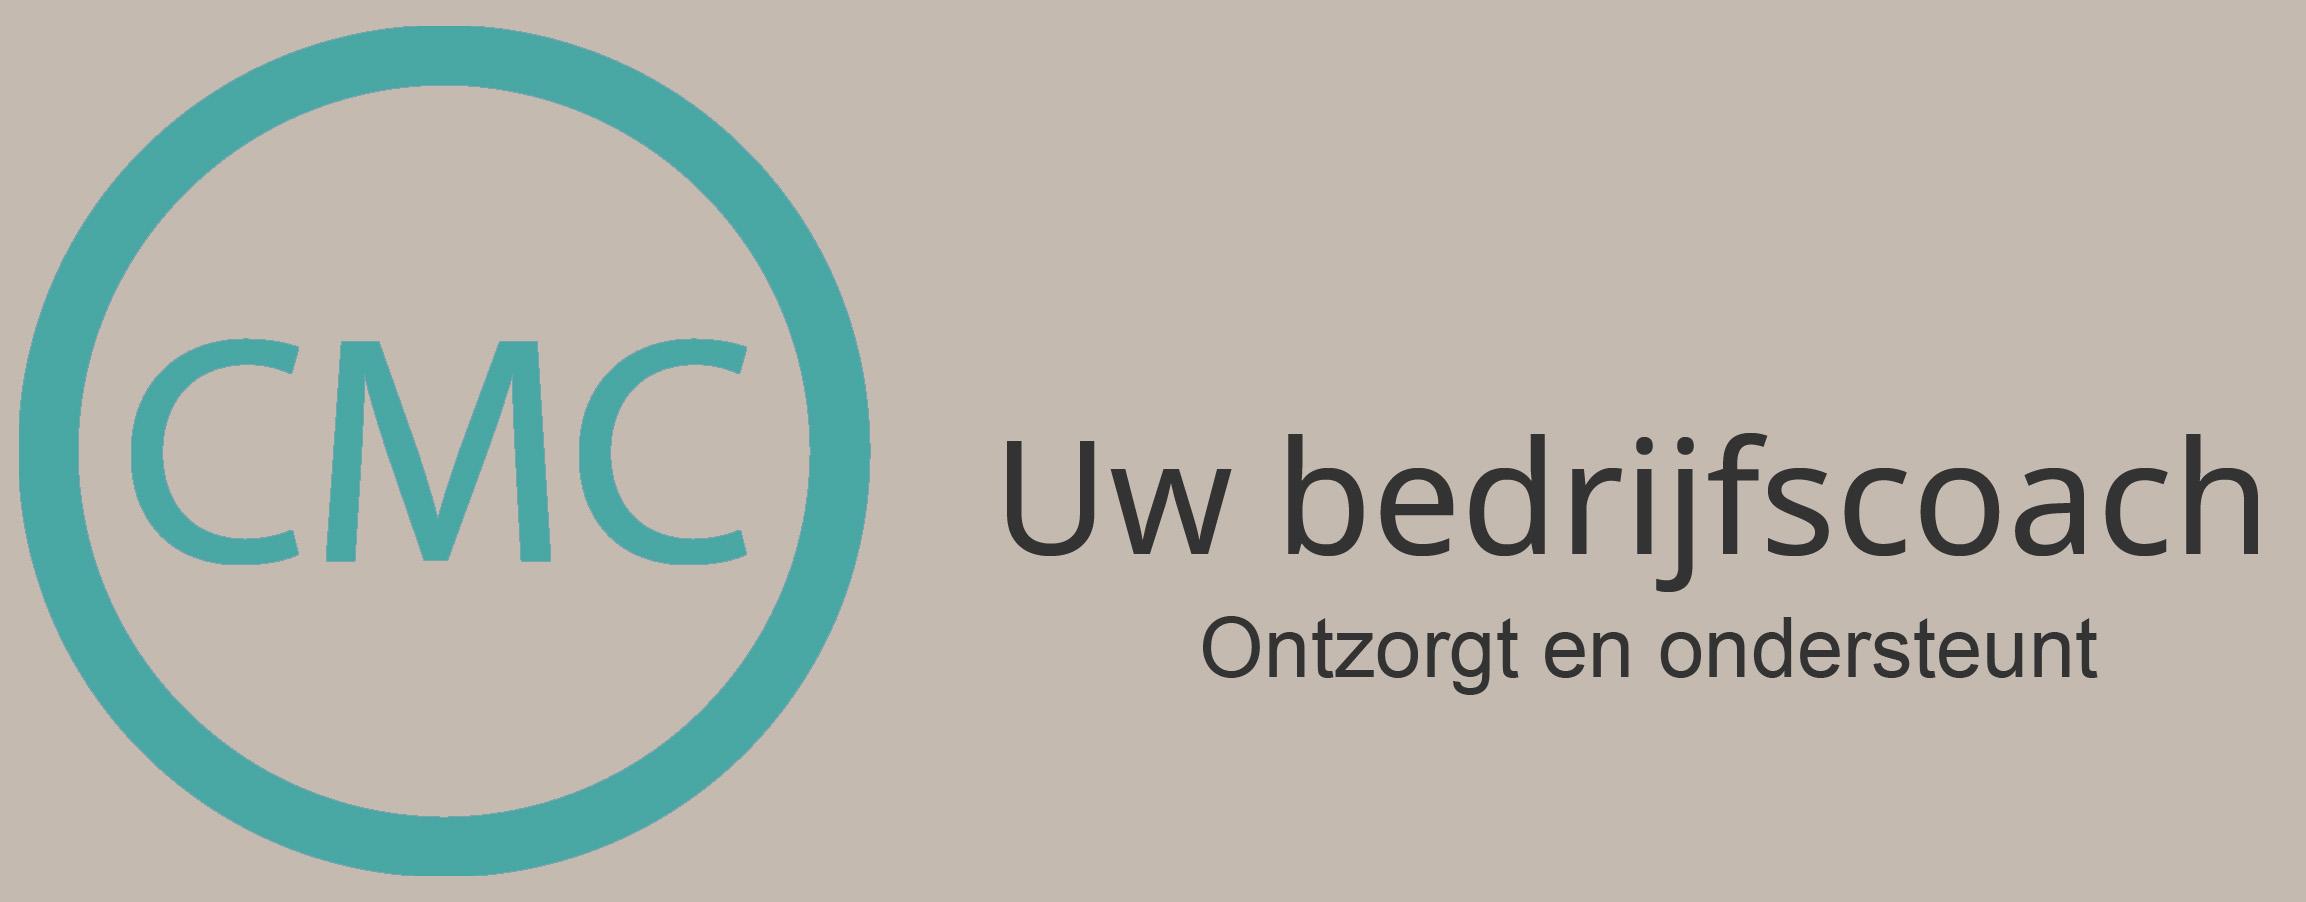 Logo Uw bedrijfscoach